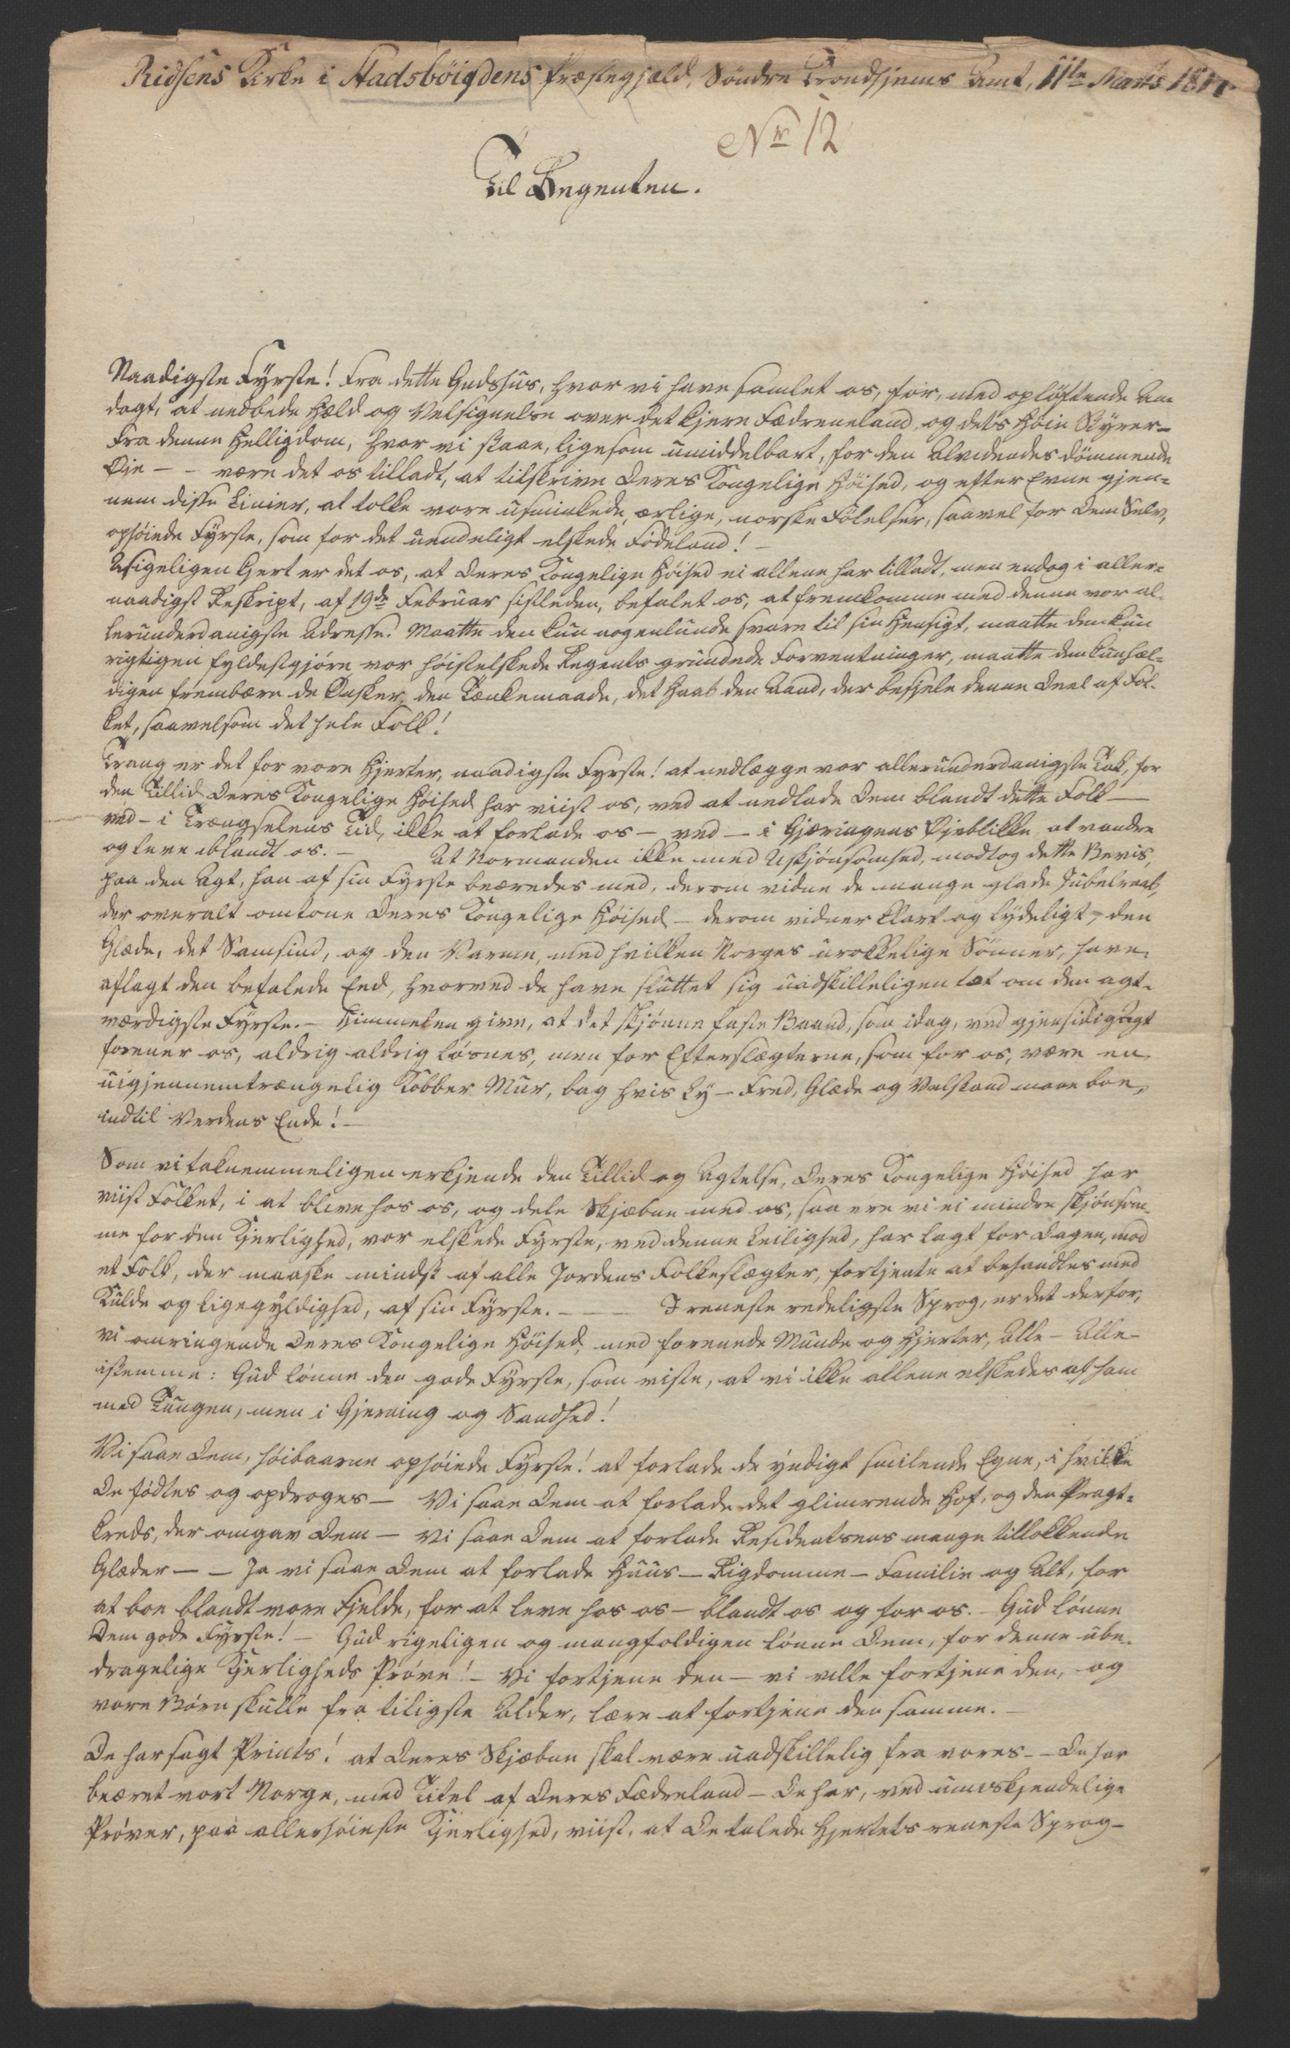 RA, Statsrådssekretariatet, D/Db/L0008: Fullmakter for Eidsvollsrepresentantene i 1814. , 1814, s. 453